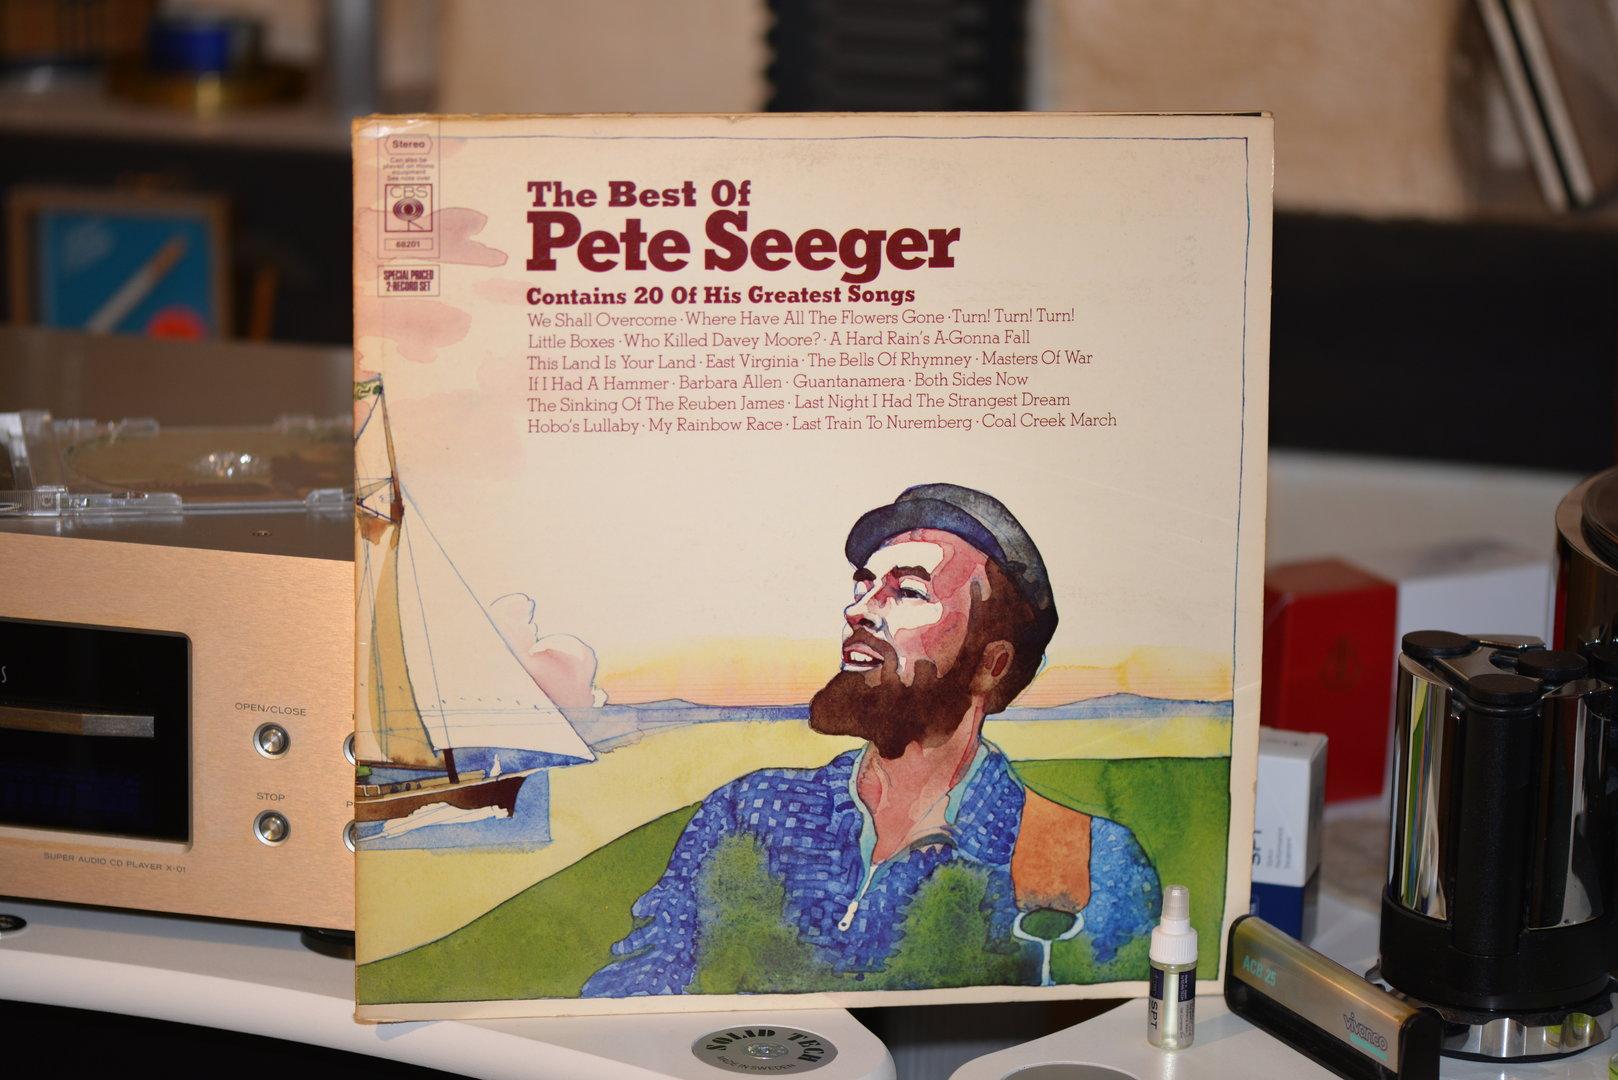 Pete Seeger 001.JPG